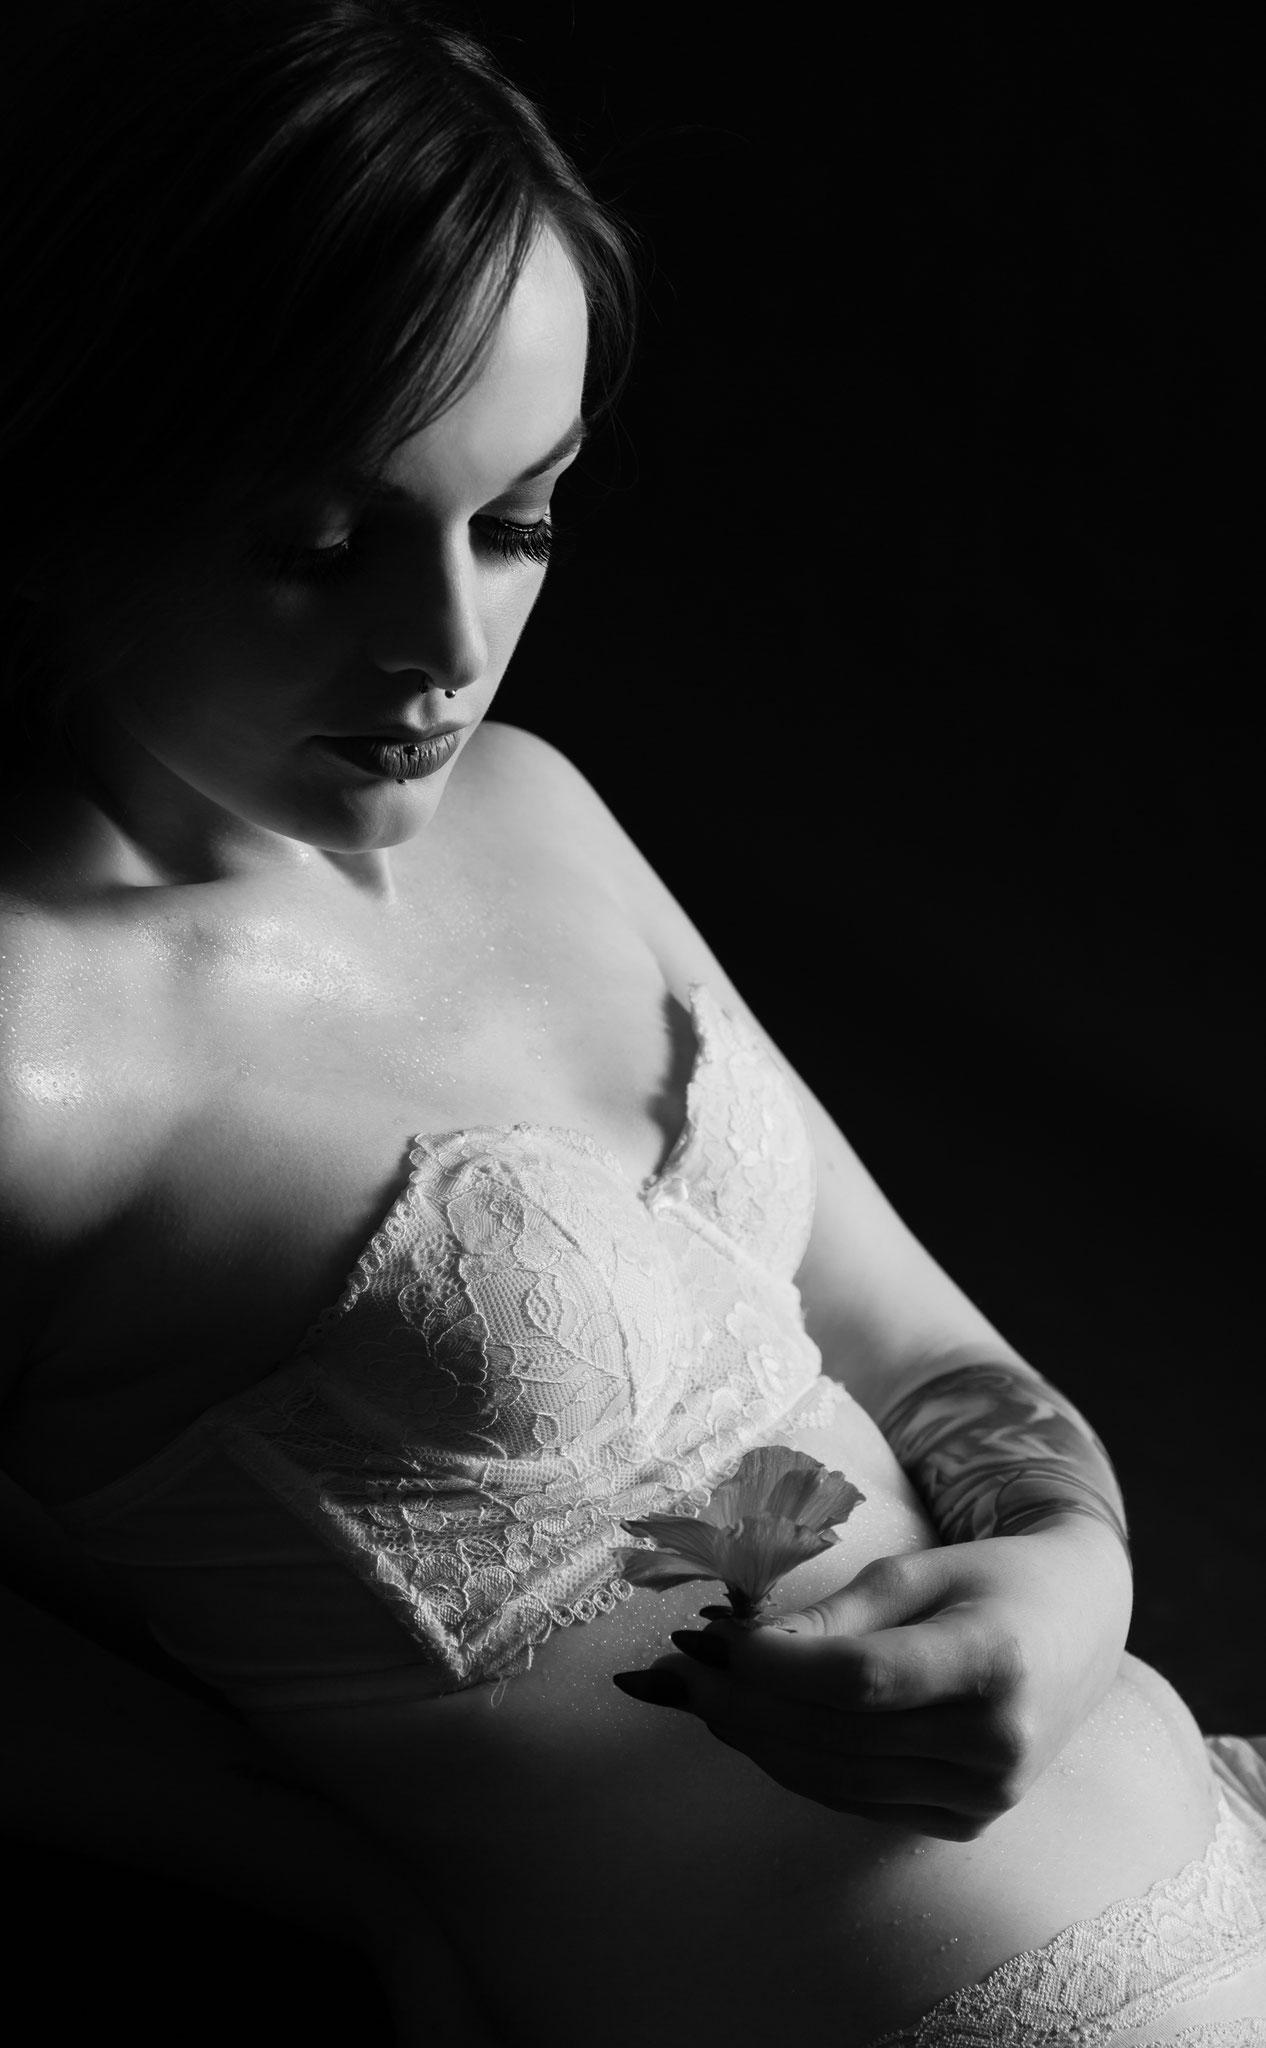 Sinnliches schwarz weiß Dessous Foto von Aktfotograf aus Erlangen - Dessous Fotogafie